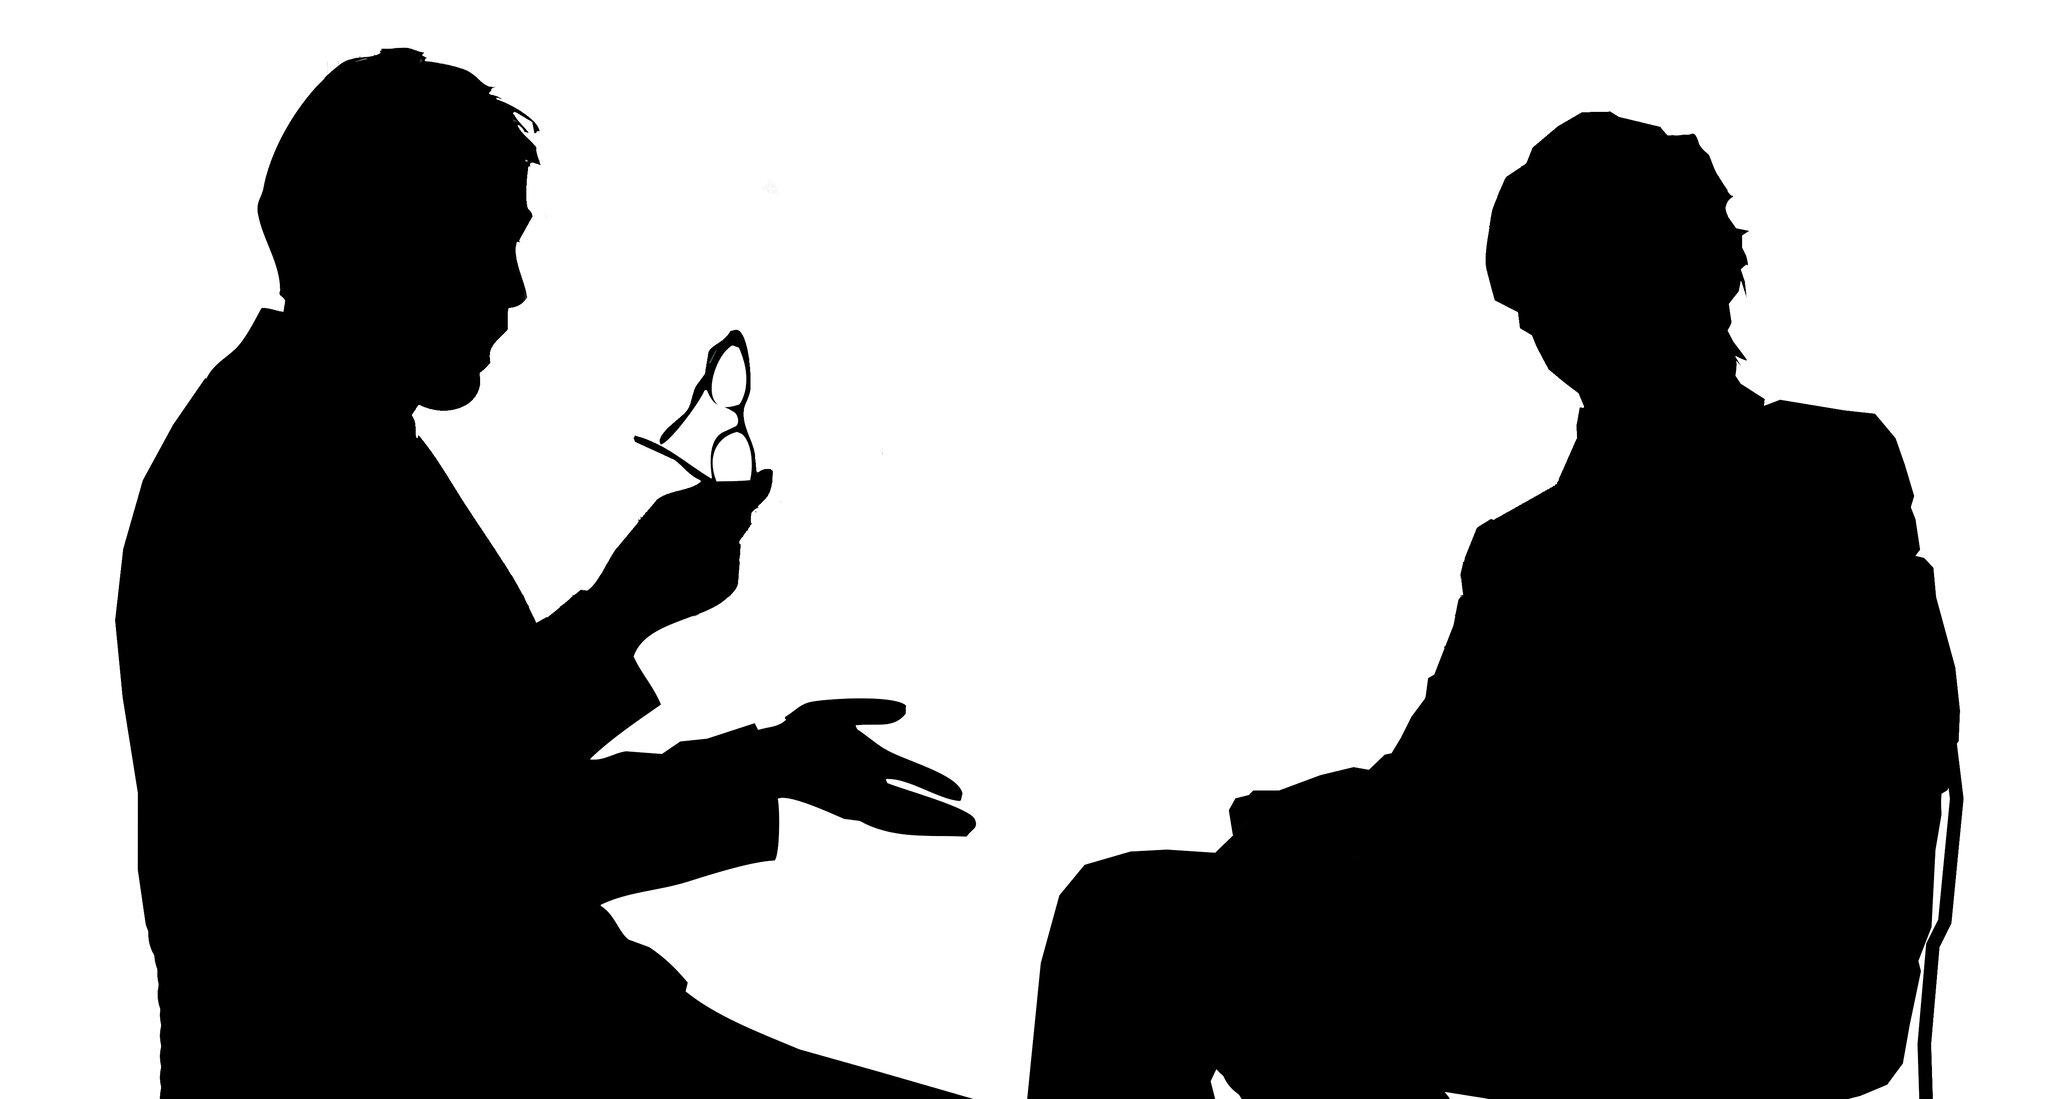 Debata_intro Źródło: www.pixabay.com, domena publiczna.